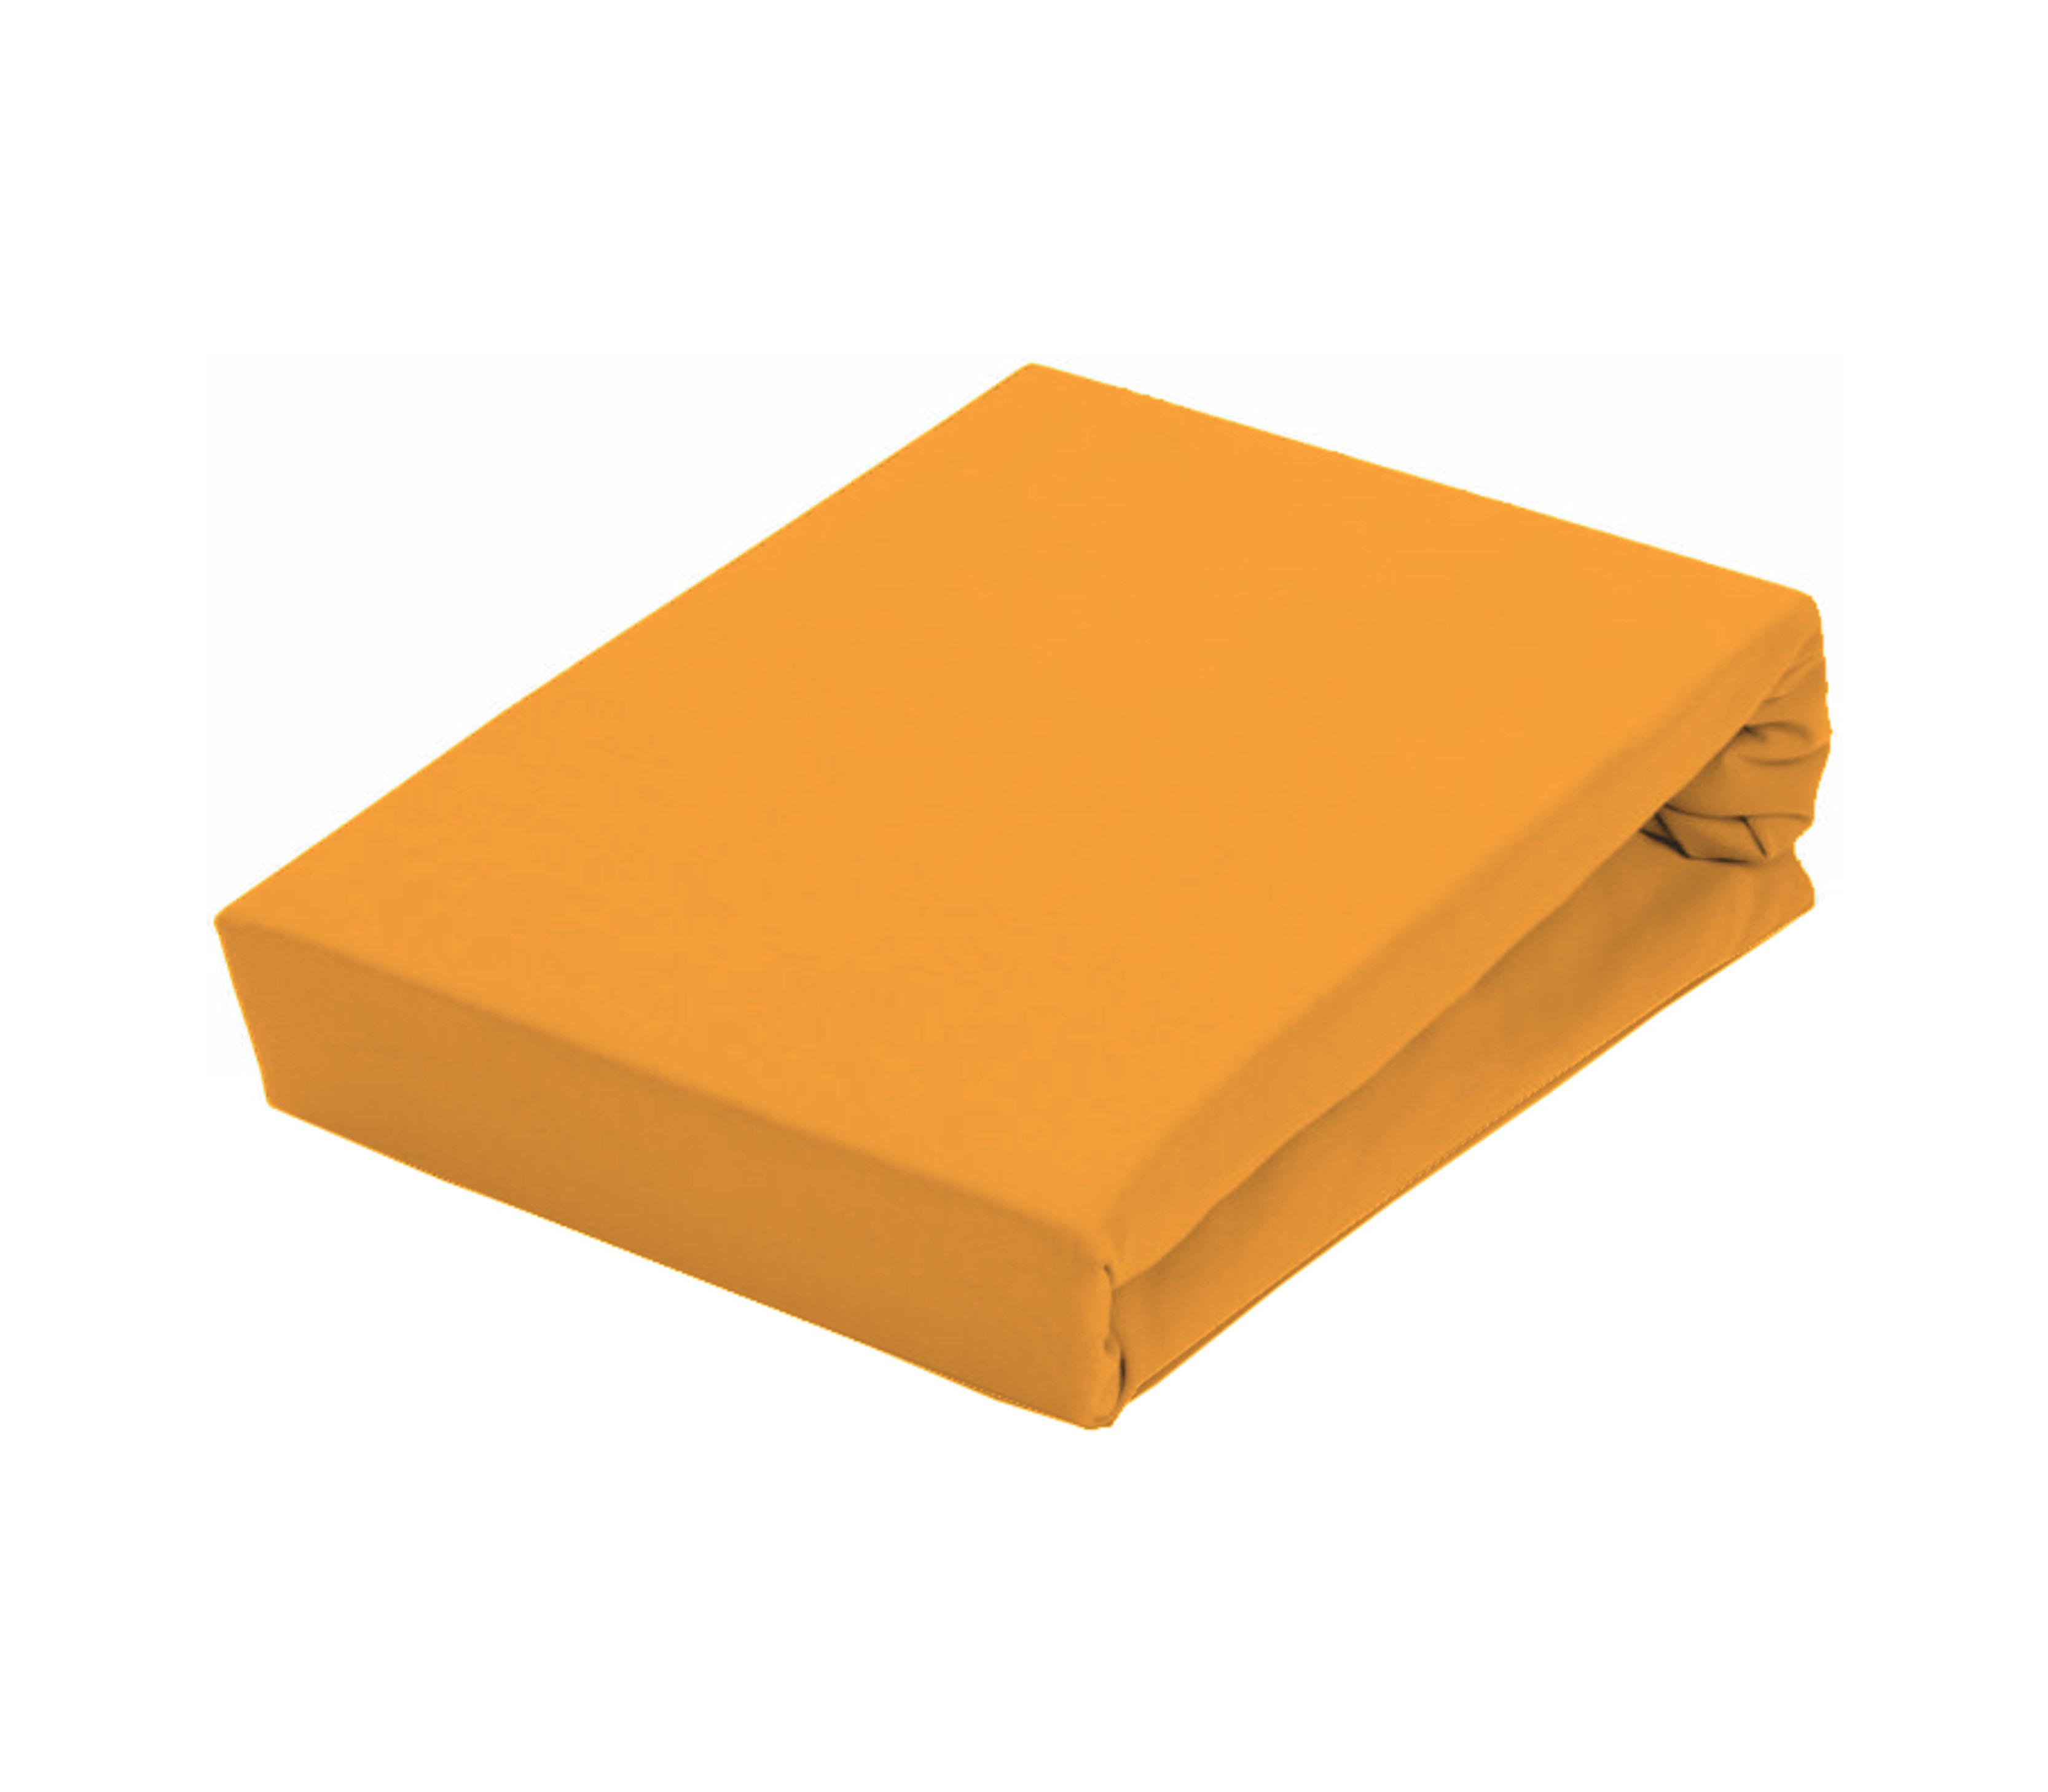 Aga Prostěradlo JERSEY 180x200 cm  Barva prostěradla: Žlutá